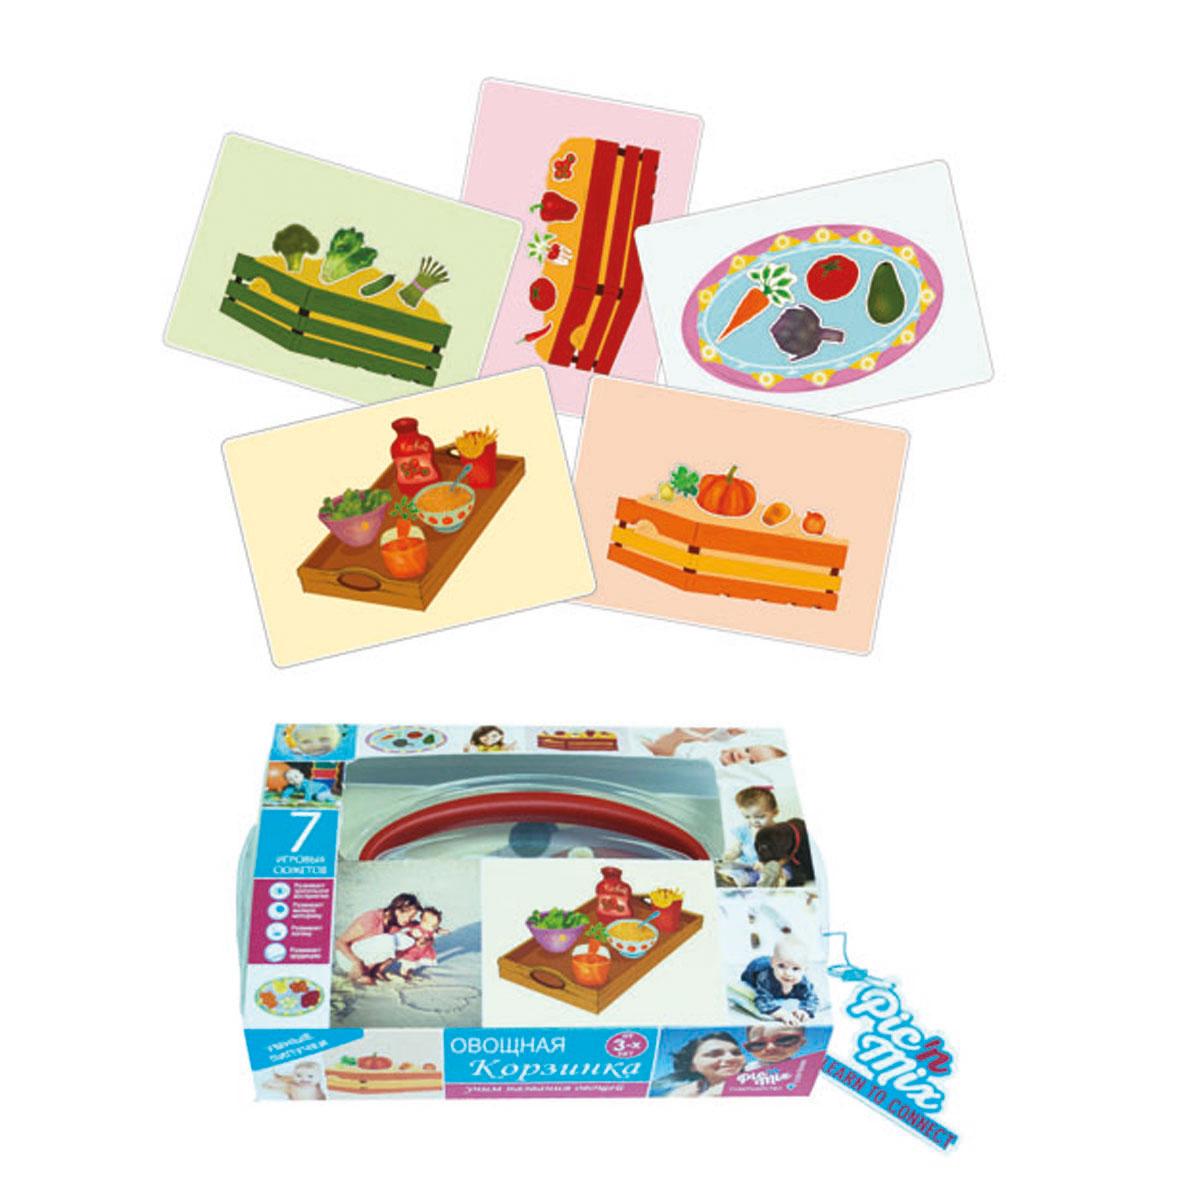 PicnMix Обучающая игра Овощная корзинка112013Обучающая игра паззл-липучка состоит из 7 игровых полей, на которые необходимо прикрепить при помощи липучек недостающие элементы, чтобы получилось законченное изображение. Выполняя игровые задания, ребенок изучает названия овощей, их отличительные свойства и цвета, также ребенок узнаёт, какие блюда готовят из овощей. Развивает следующие навыки: логическое мышление, восприятие формы и цвета, зрительную память, речевое общение, мелкую моторику рук. Игра комплектуется инструкцией-методическим пособием, которая не только описывает правила игры, но и предлагает сценарий её проведения, где в форме увлекательных коротких историй даётся информация о свойствах и качествах овощей и описываются их формы и цвета. Также, игроку в ходе игры рассказывается о блюдах, которые можно приготовить из овощей. После игры, малыш будет не только знать названия овощей, но и сможет рассказать вам об их свойствах и особенностях. Игра может также использоваться в процессе обучения...